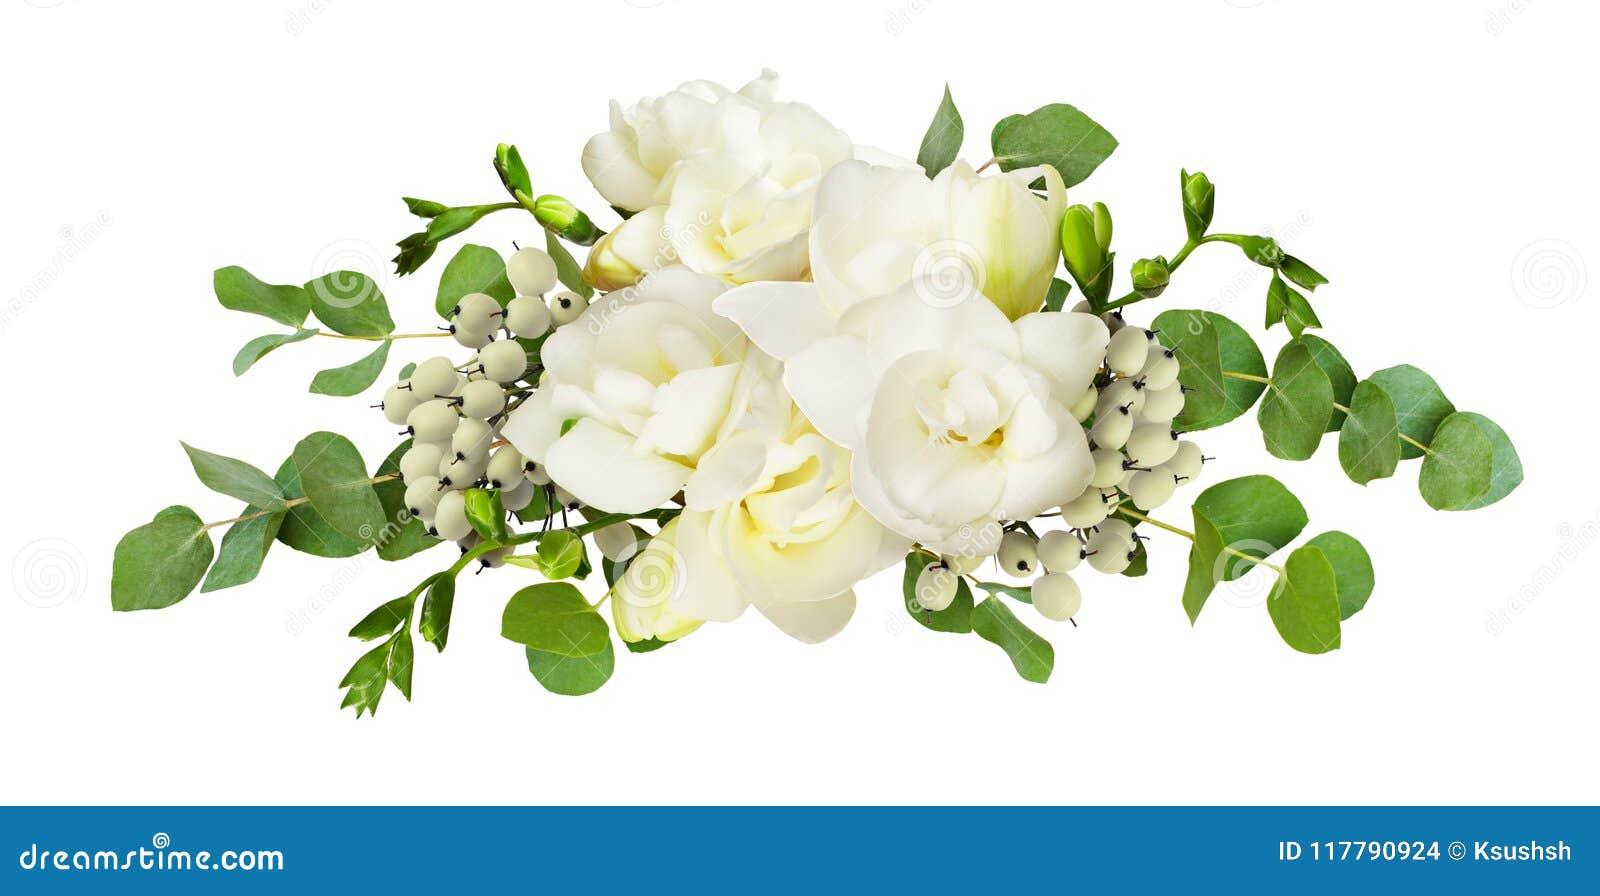 A frésia branca fresca floresce e o eucalipto sae no arranjo